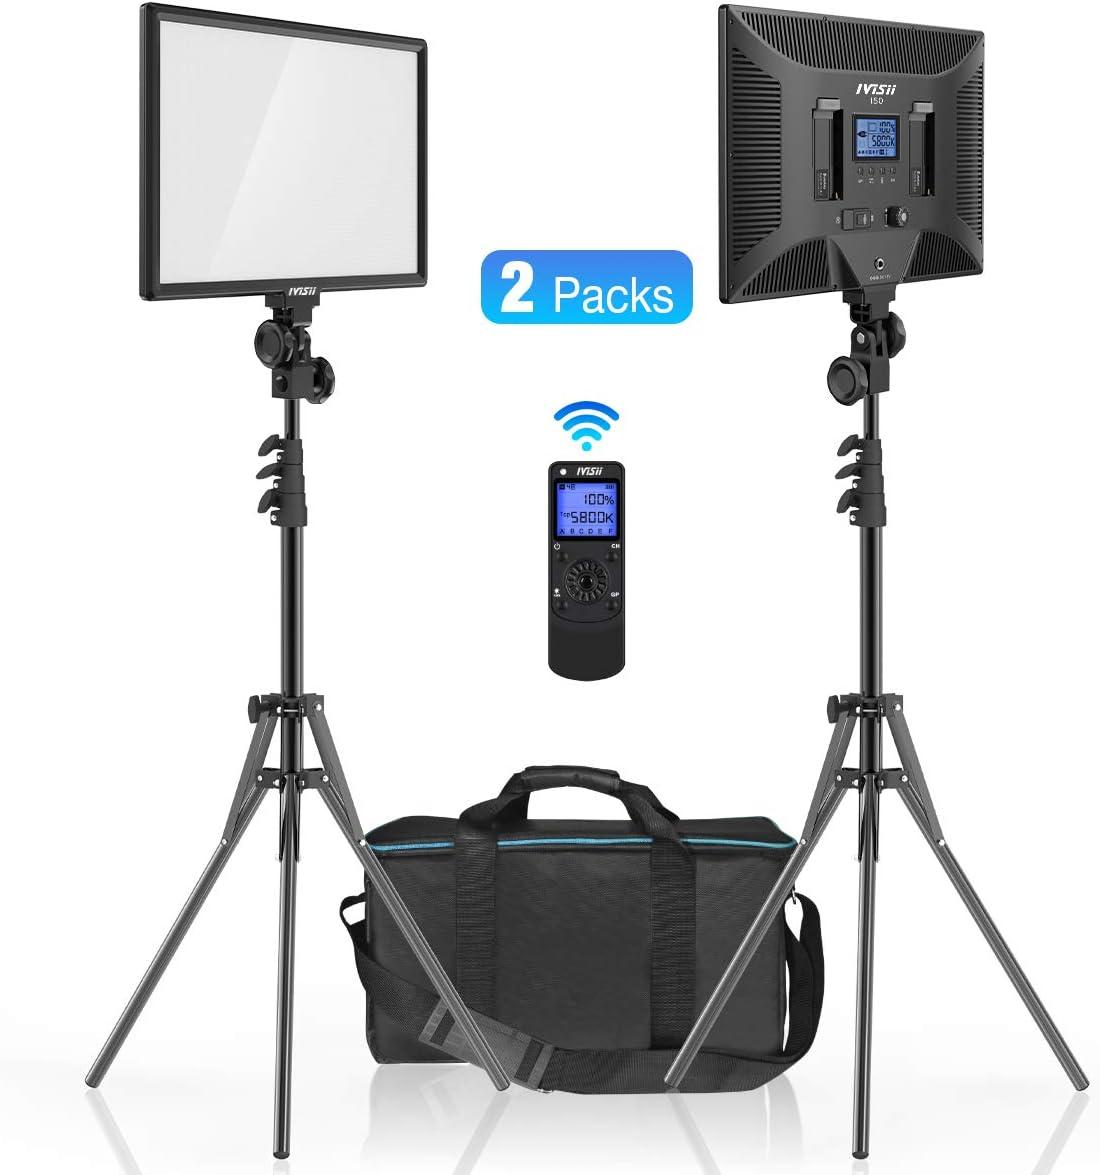 IVISII 2-Pack LED Video Light, Dimmable Bi-Color 3000K-5800K Panel Light, Video Lighting Kit for YouTube Studio Photography Portrait Shooting Live-Stream